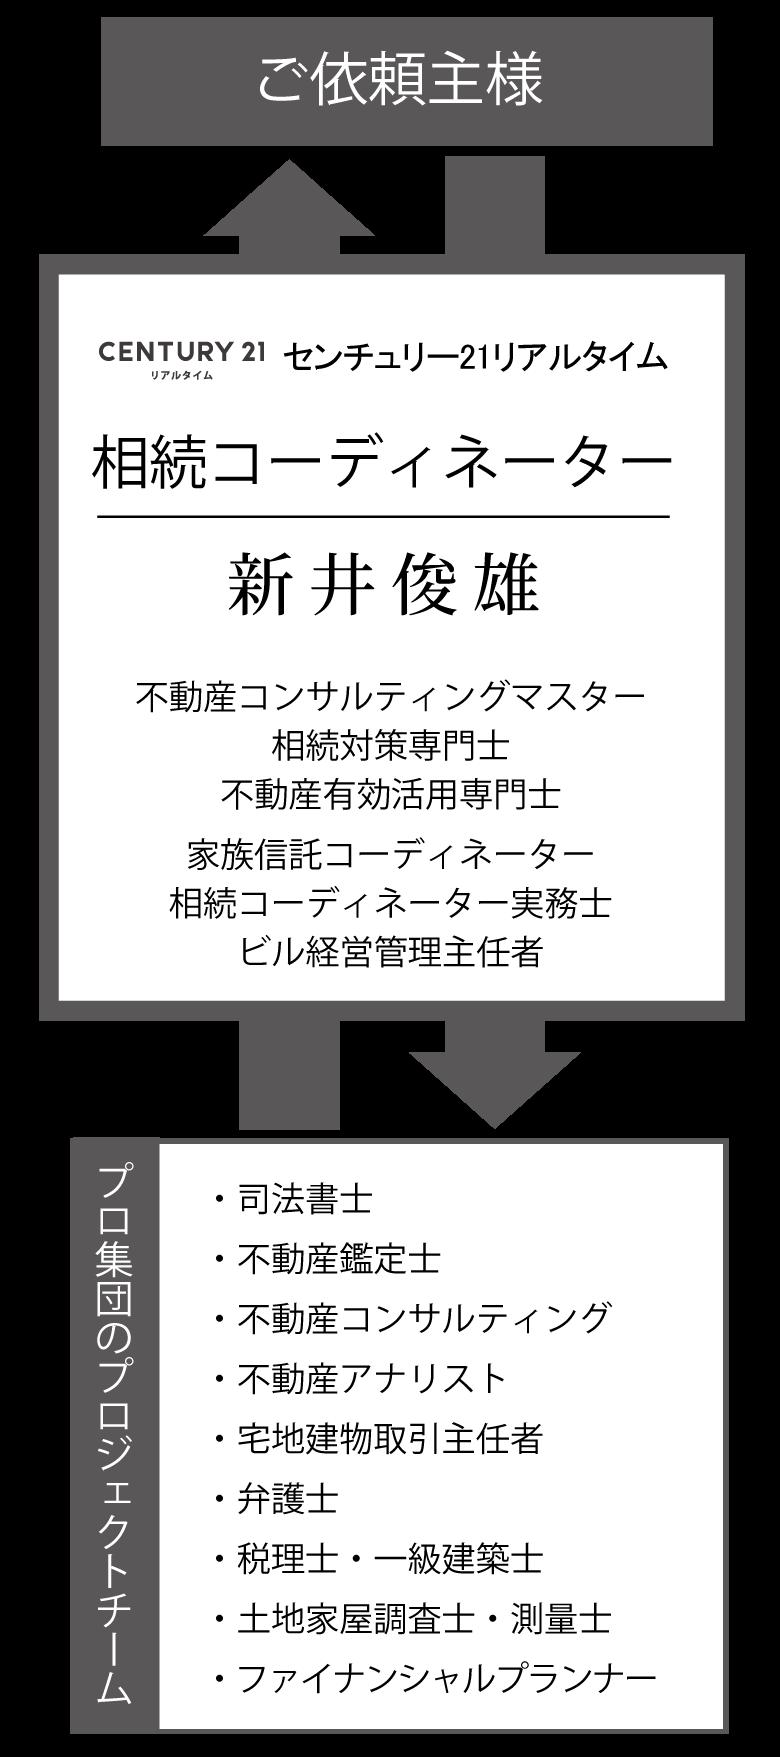 相続コーディネーターの役割 フロー図